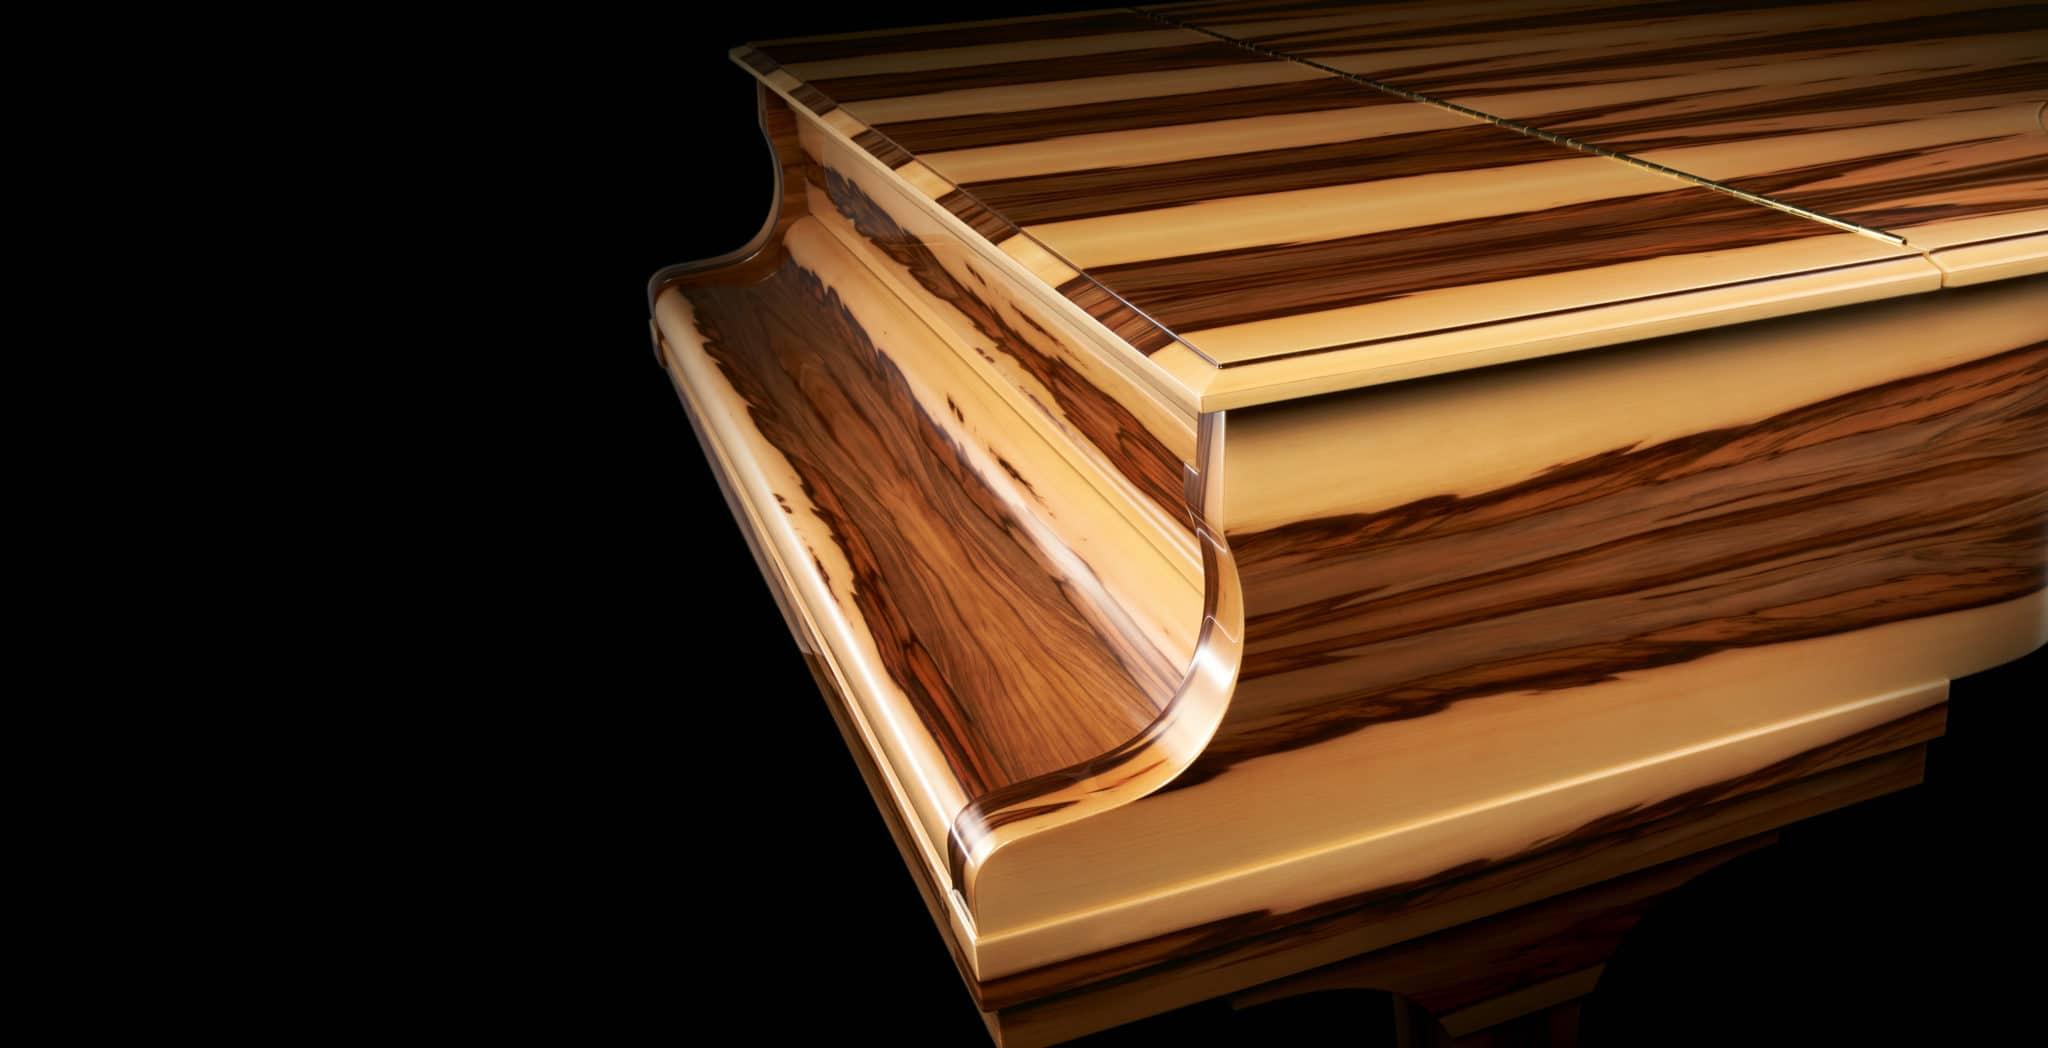 Amber Wood Detail